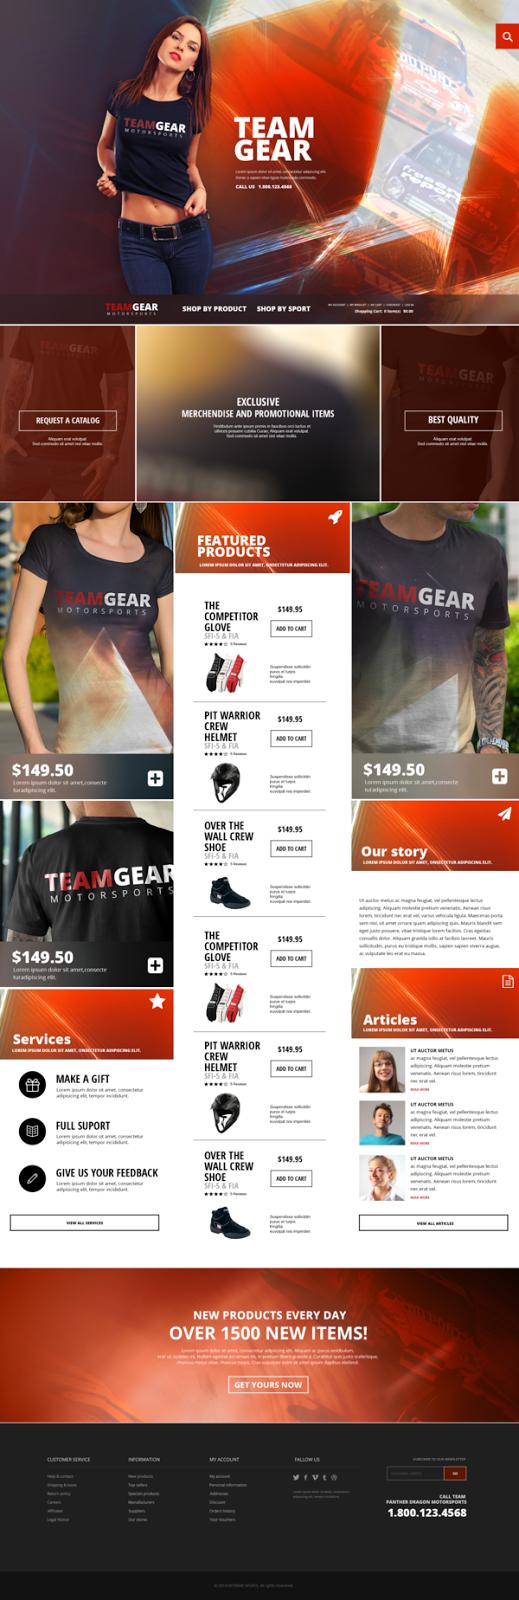 Team Gear Online Shop PSD Template